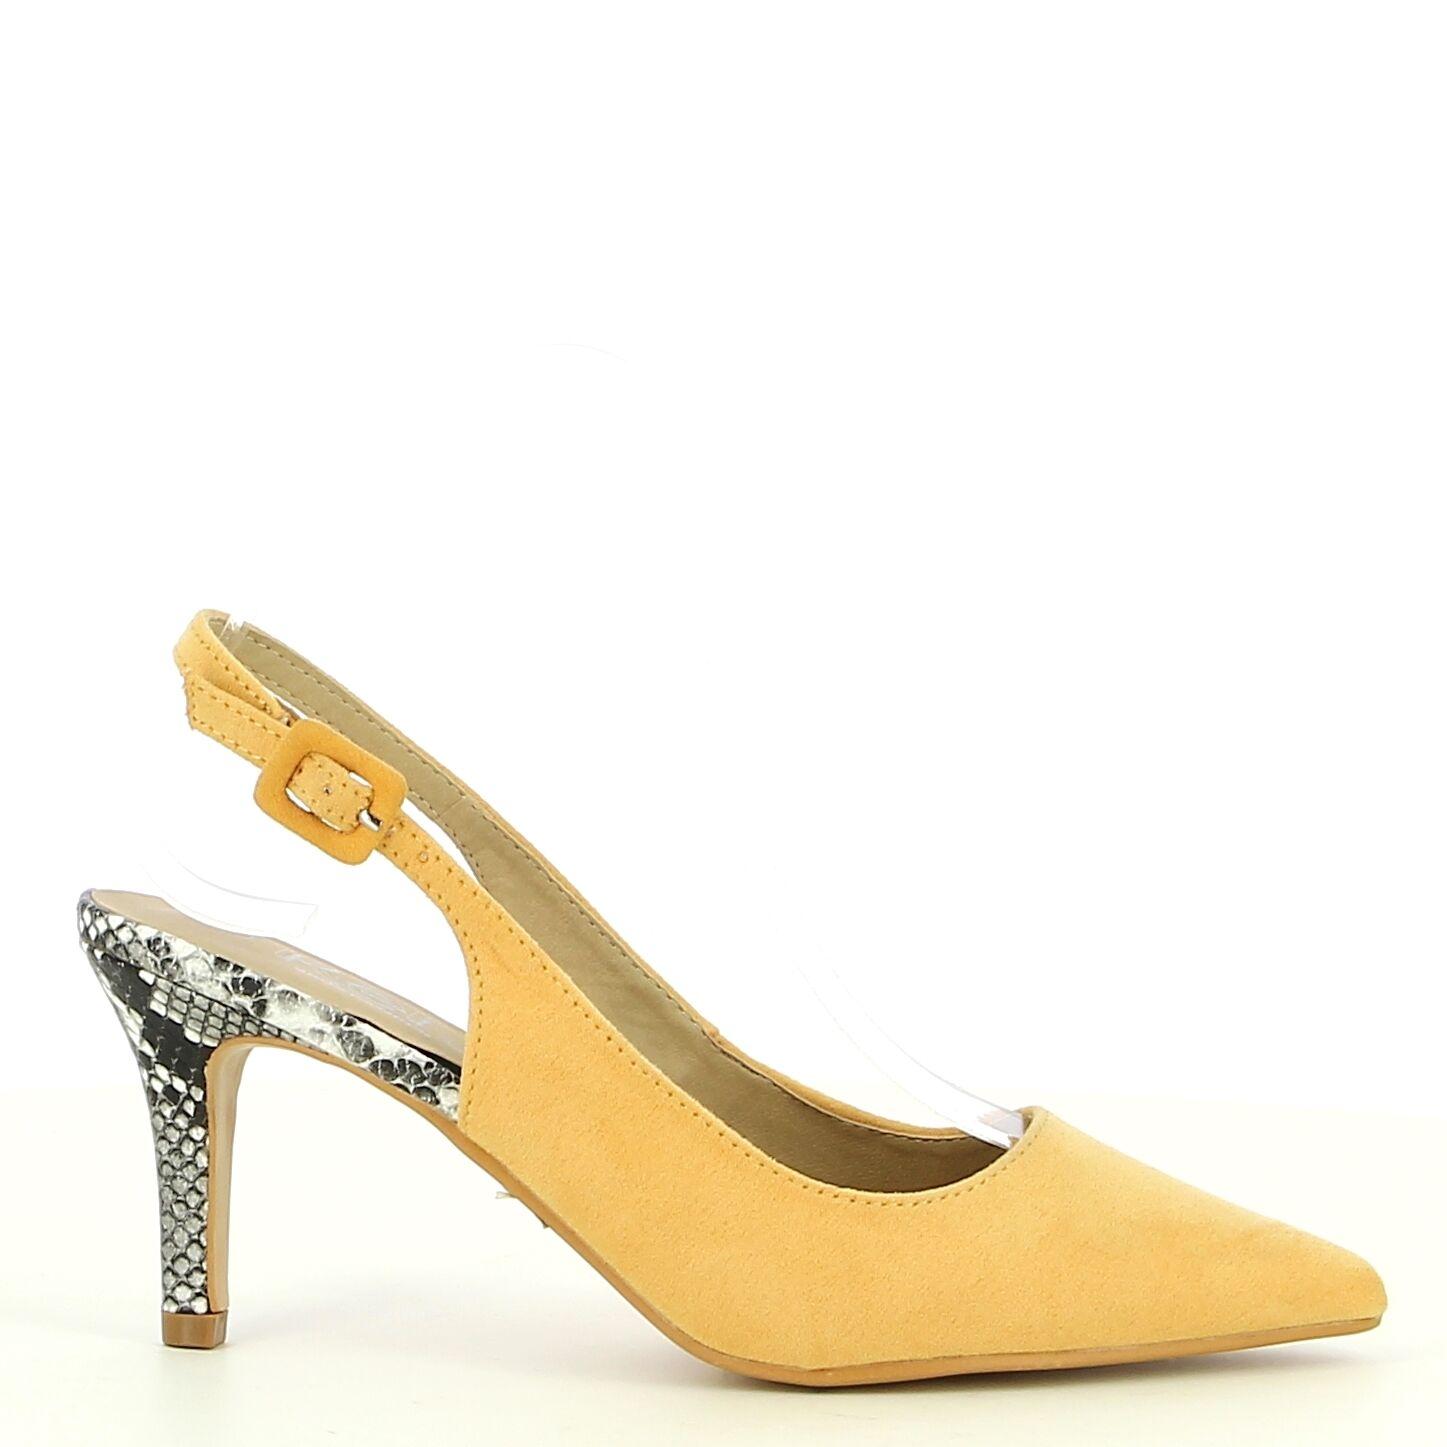 Ken Shoe Fashion - Oker/Geel - Pumps